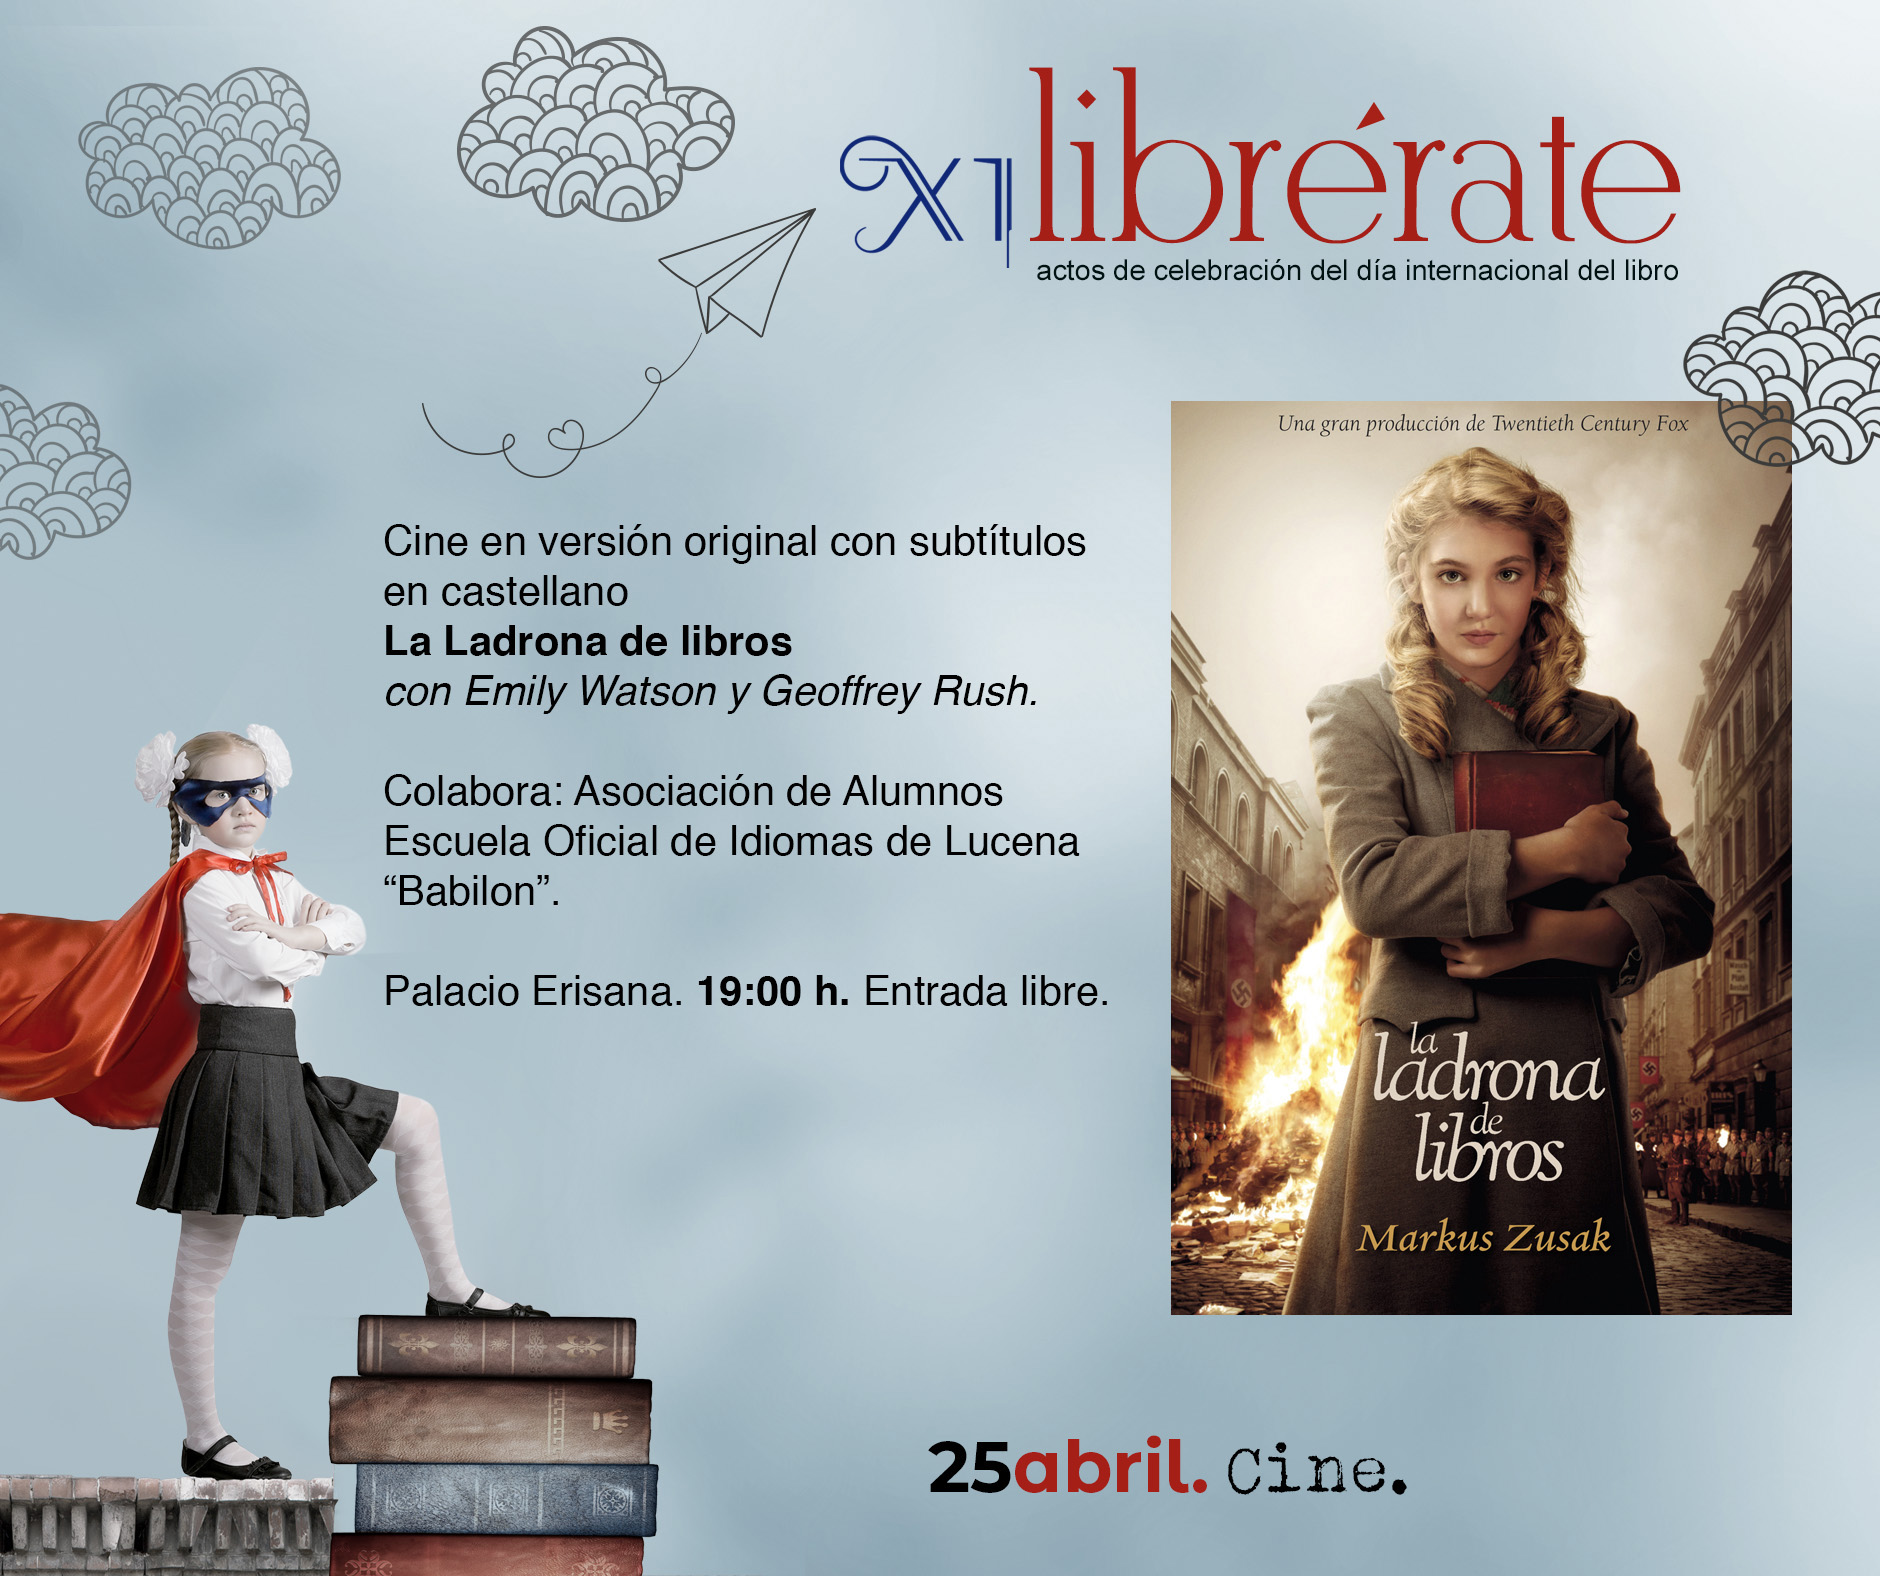 Cine en versión original con subtítulos en castellano La Ladrona de libros @ Palacio Erisana